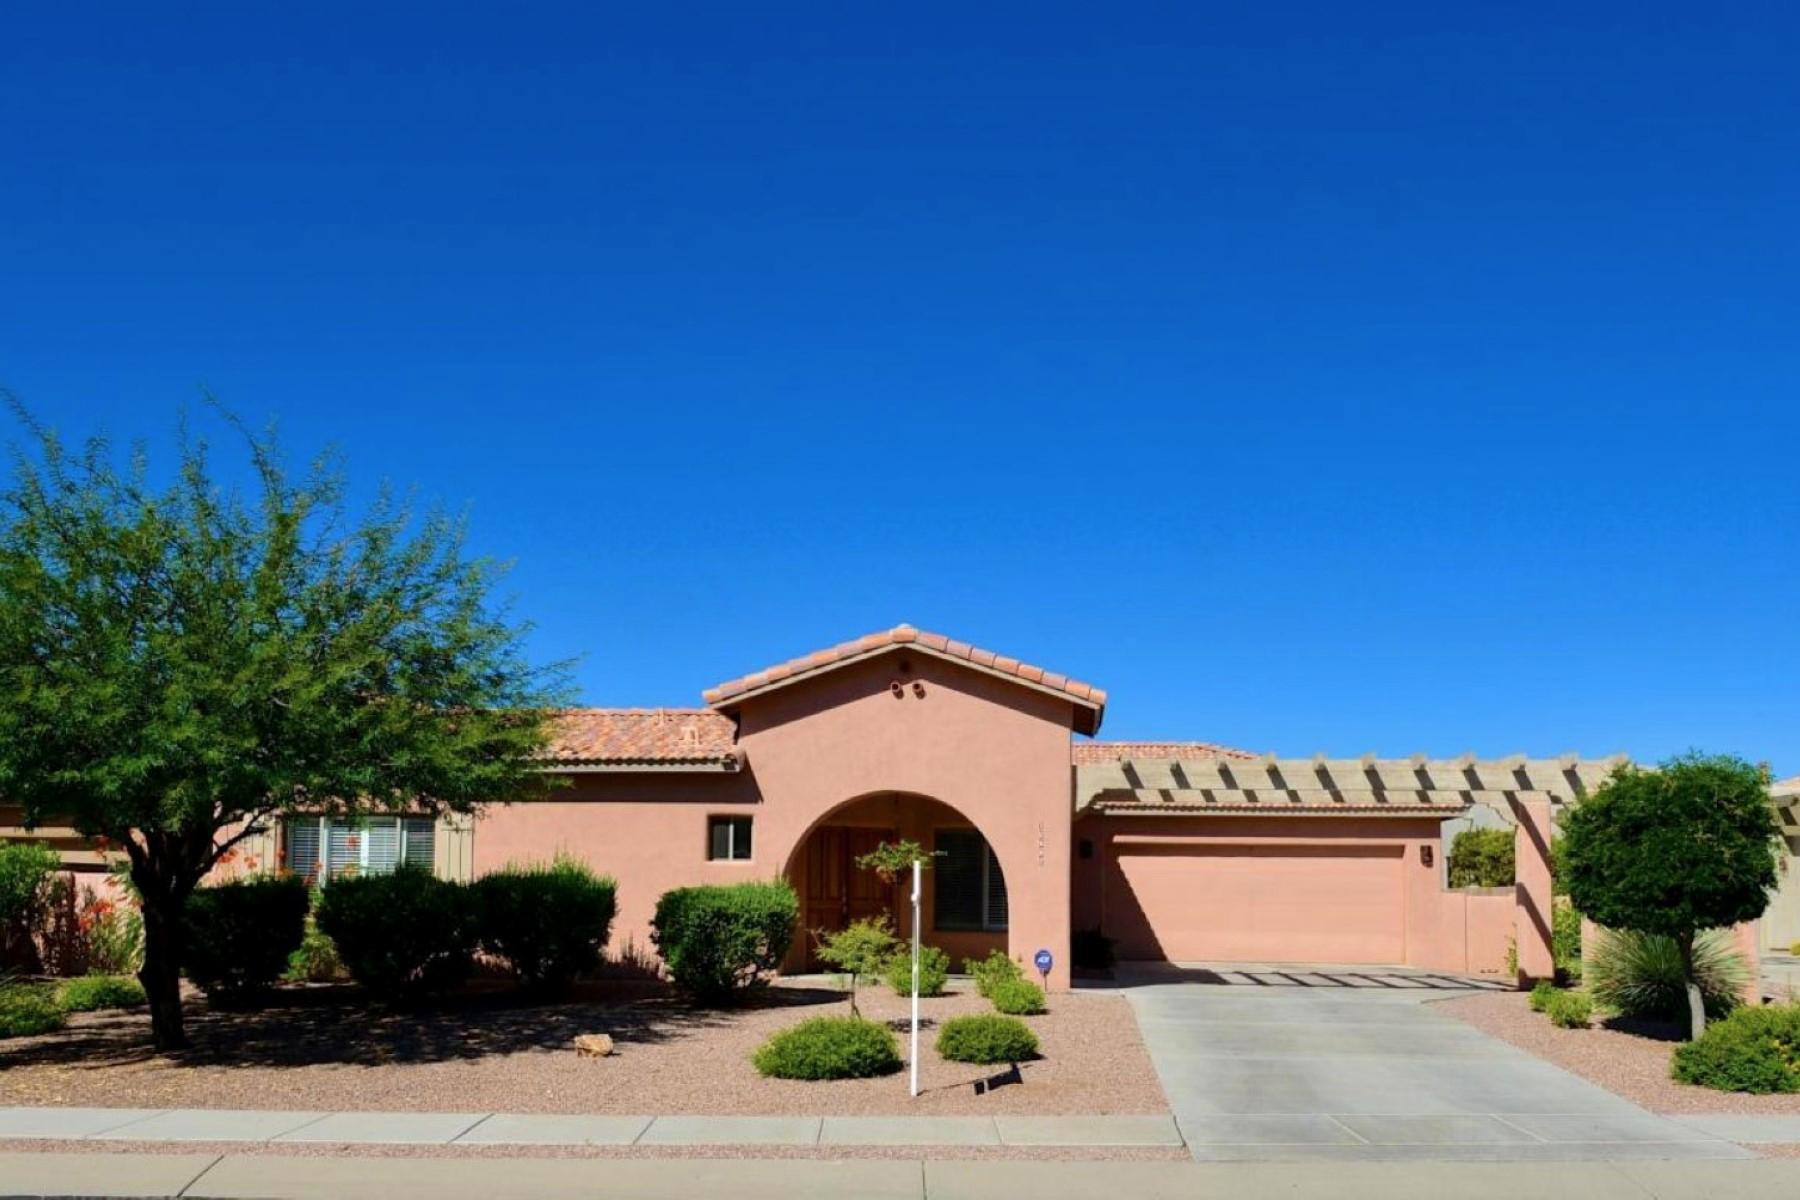 Casa Unifamiliar por un Venta en Fabulous Casual Contemporary Masonary Stucco Built Home 12887 N Eagleview Drive Oro Valley, Arizona 85755 Estados Unidos